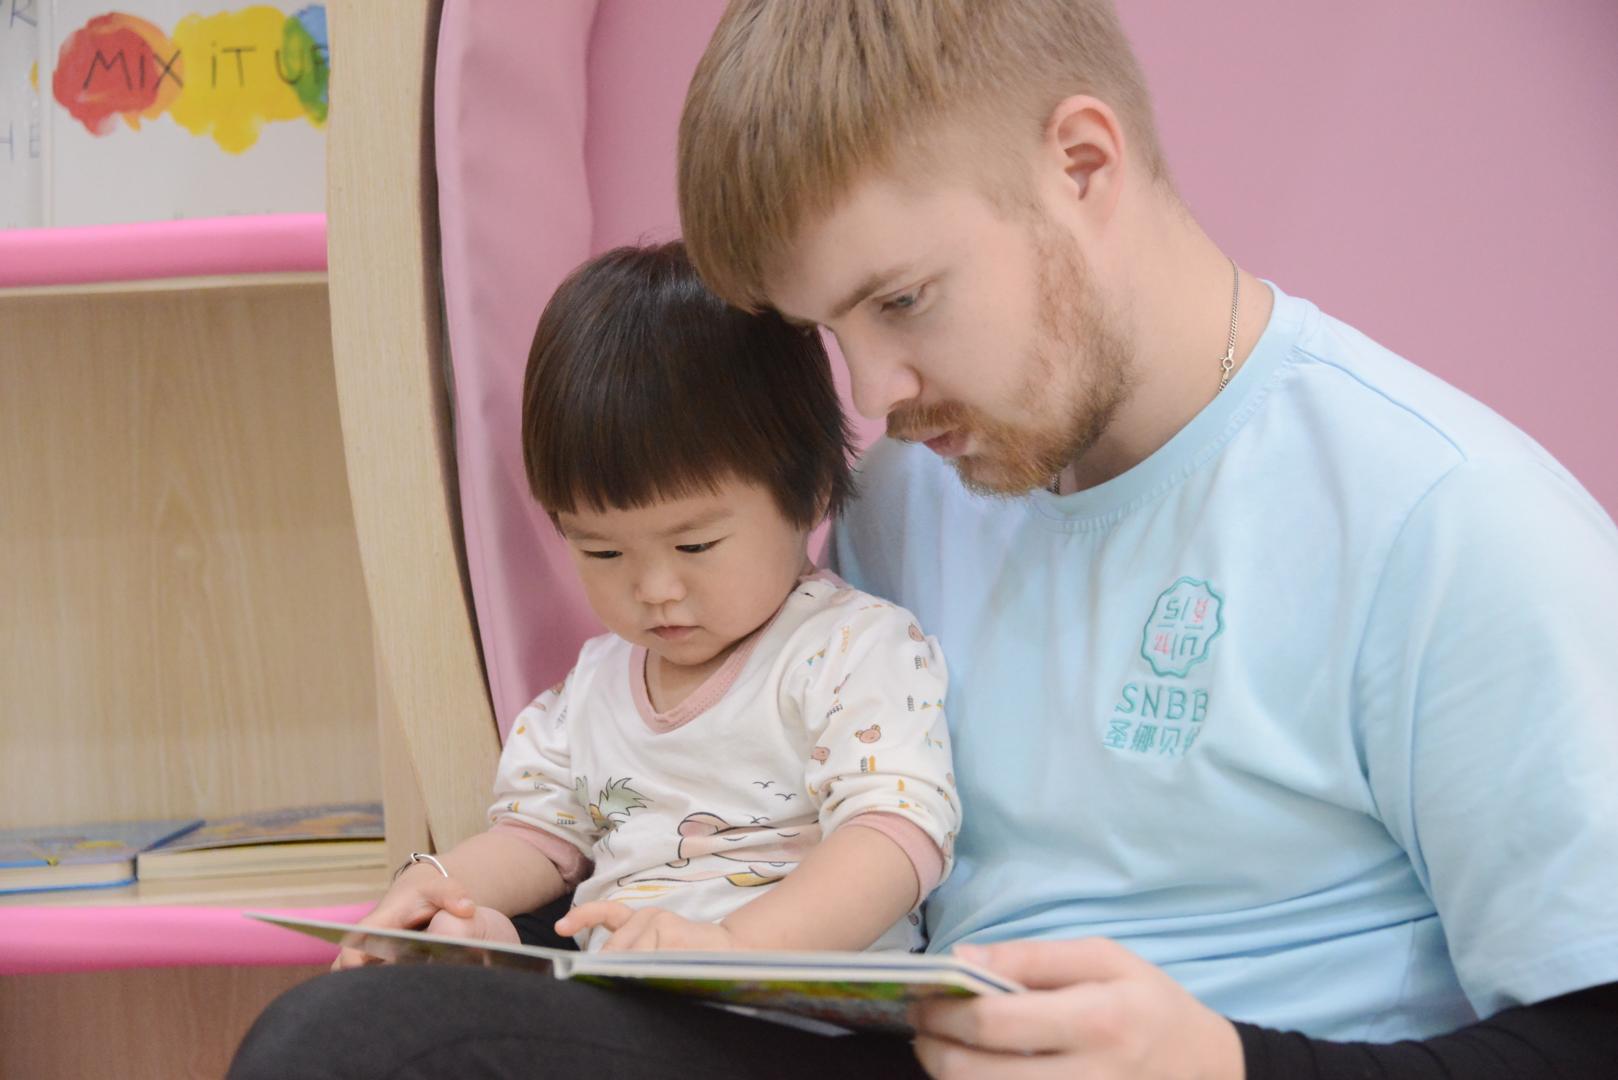 孩子從幾歲開始學英語比較好?孩子學英語有什麼好處?